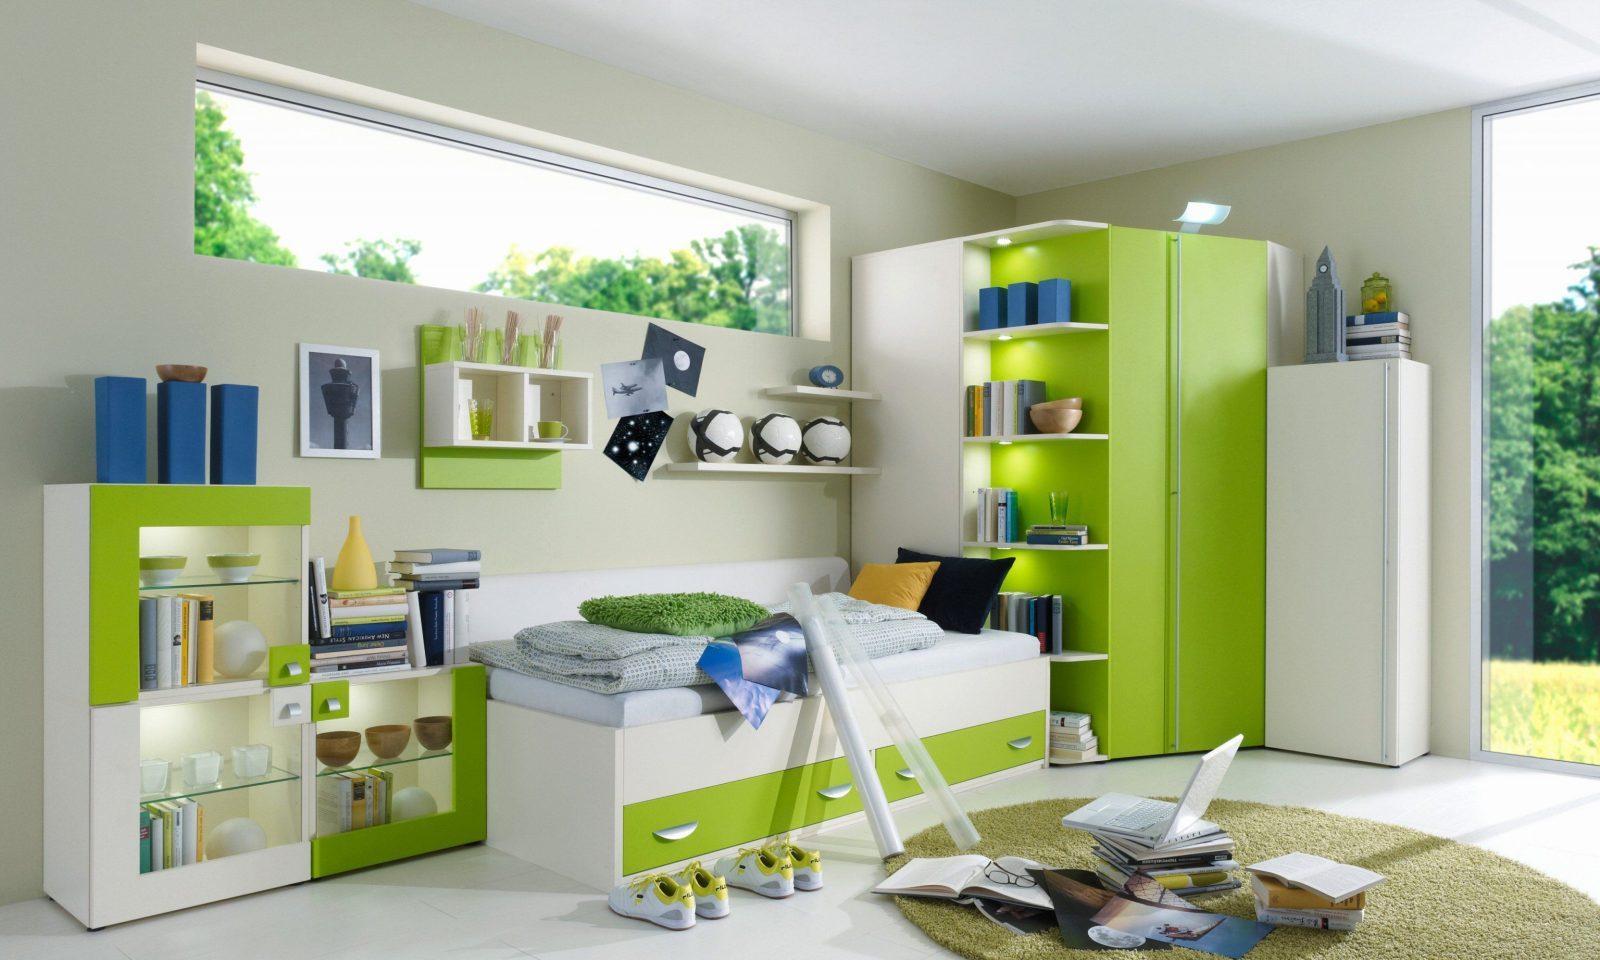 Wohnzimmer Einrichten Für Wenig Geld Genial 45 Luxus Kinderzimmer von Kinderzimmer Mit Dachschräge Einrichten Photo